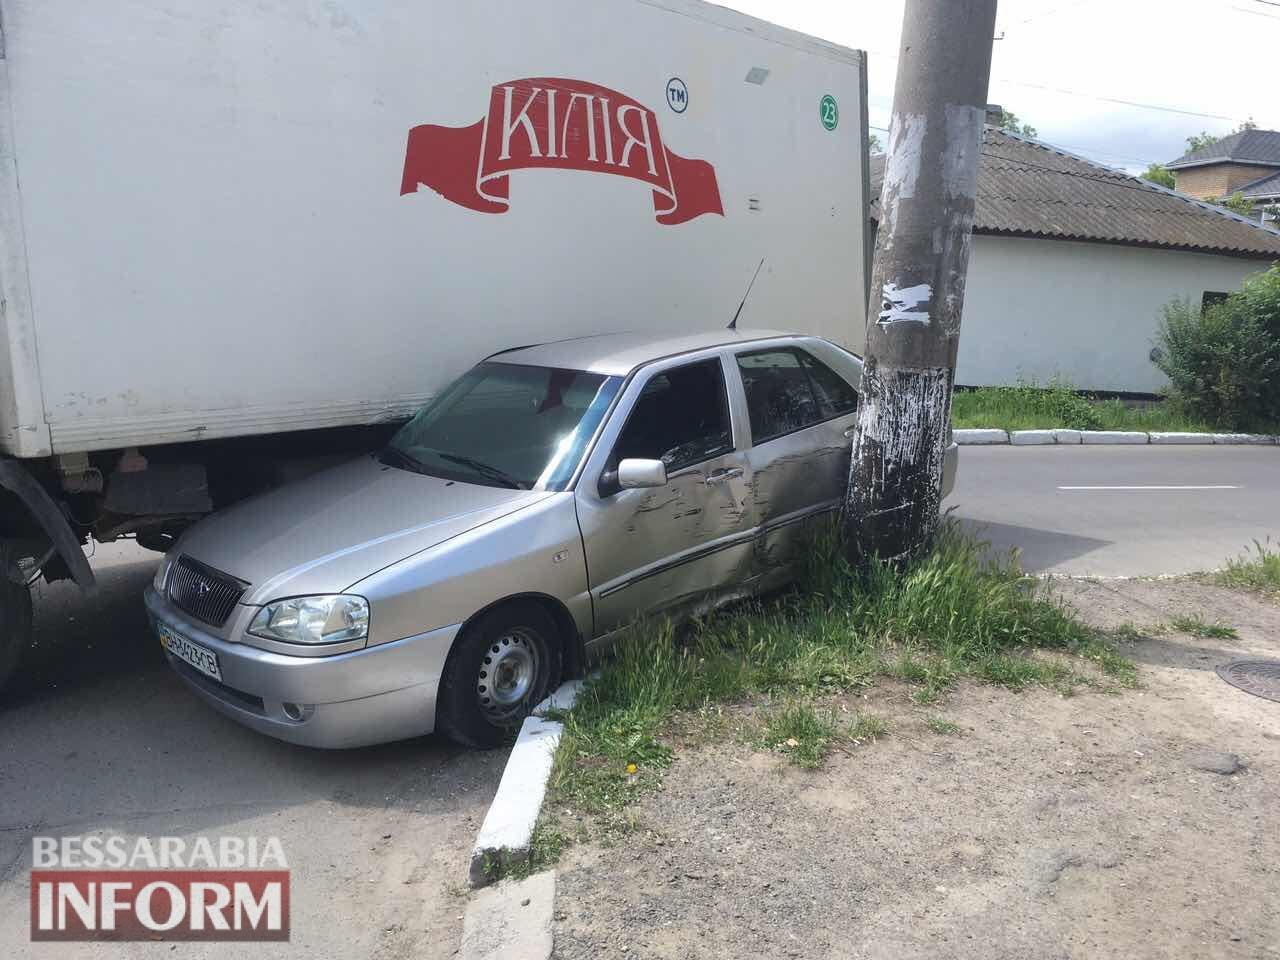 """5927f1f31a6c9_3457457345 В Измаиле грузовик """"впечатал"""" легковушку в столб, пострадала беременная девушка"""